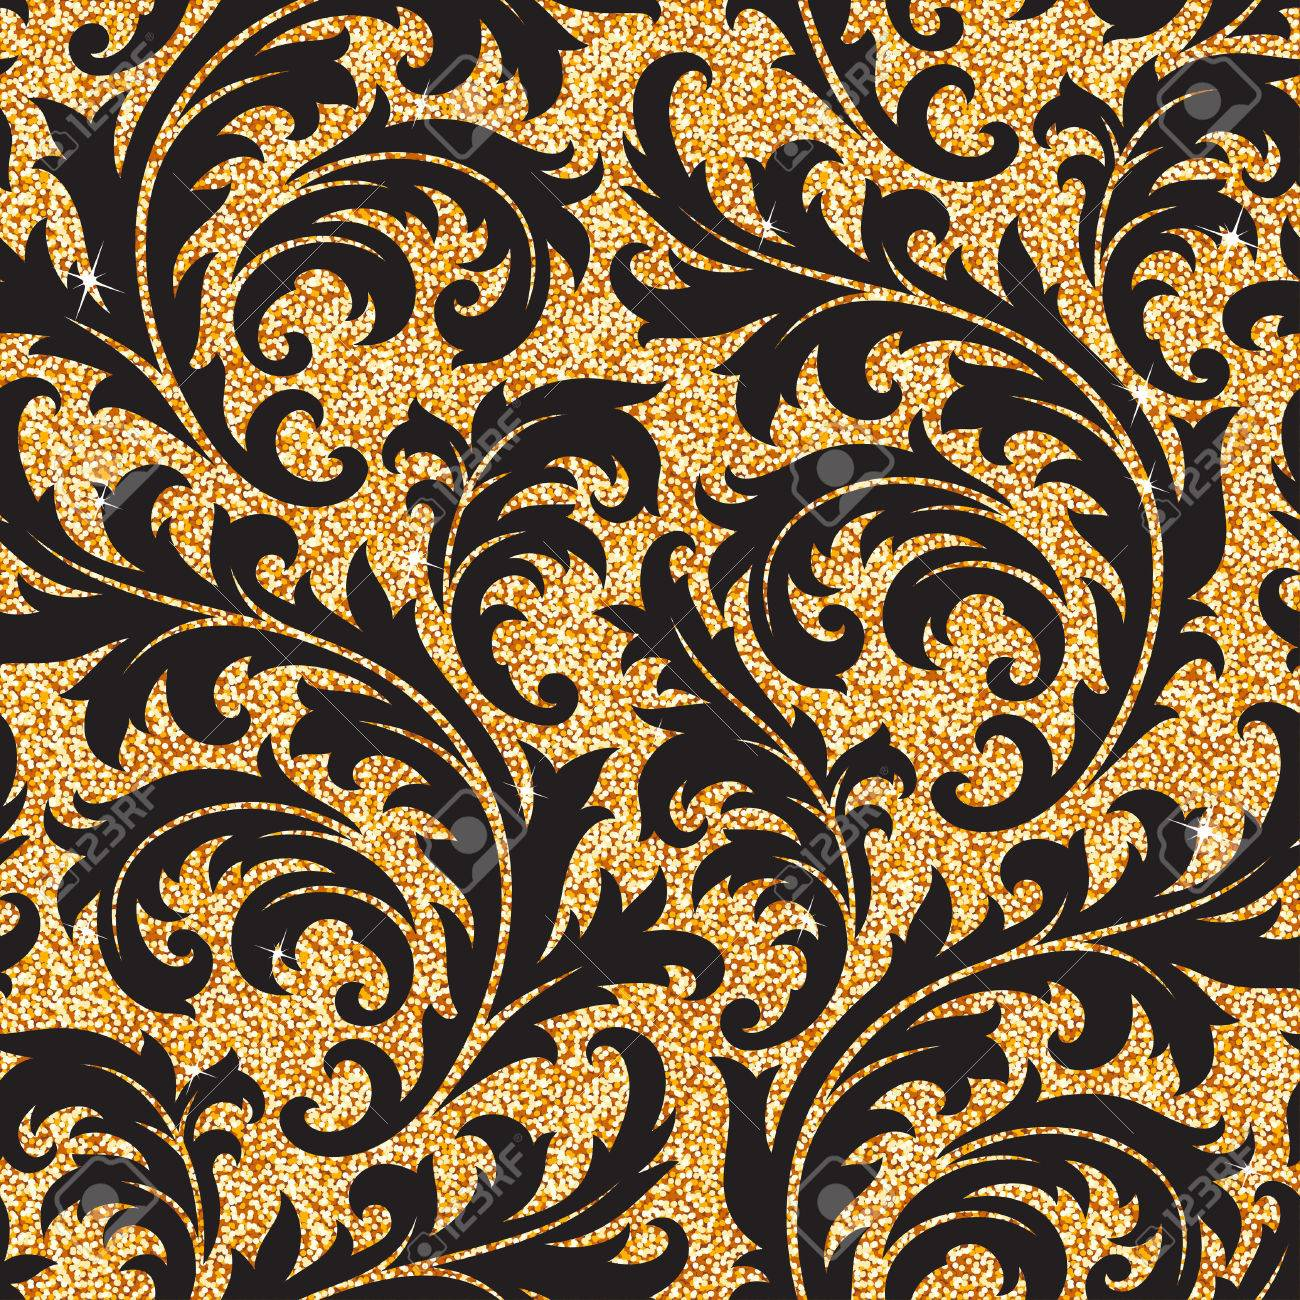 Fond Transparent D Un Ornement Floral Dore Papier Peint Ou Textile